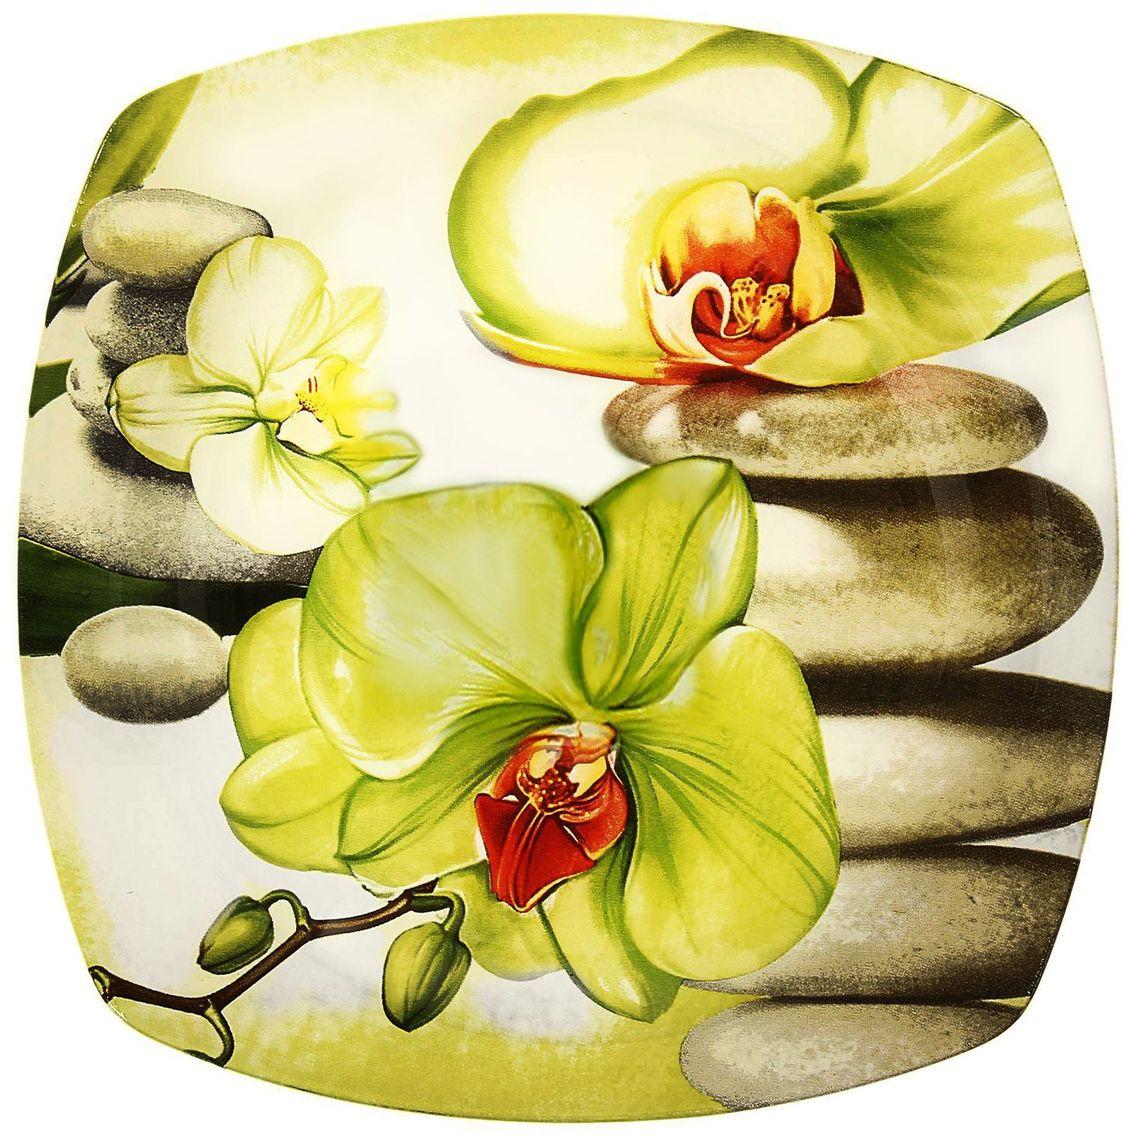 Тарелка Доляна Зеленая орхидея, диаметр 23 см230534Столовая посуда с природными мотивами в оформлении разнообразит интерьер кухни и сделает застолье самобытным и запоминающимся. Достоинства: качественное стекло не впитывает запахов; гладкая поверхность обеспечивает лёгкость мытья. Рекомендуется избегать использования абразивных моющих средств. Делайте любимый дом уютнее!